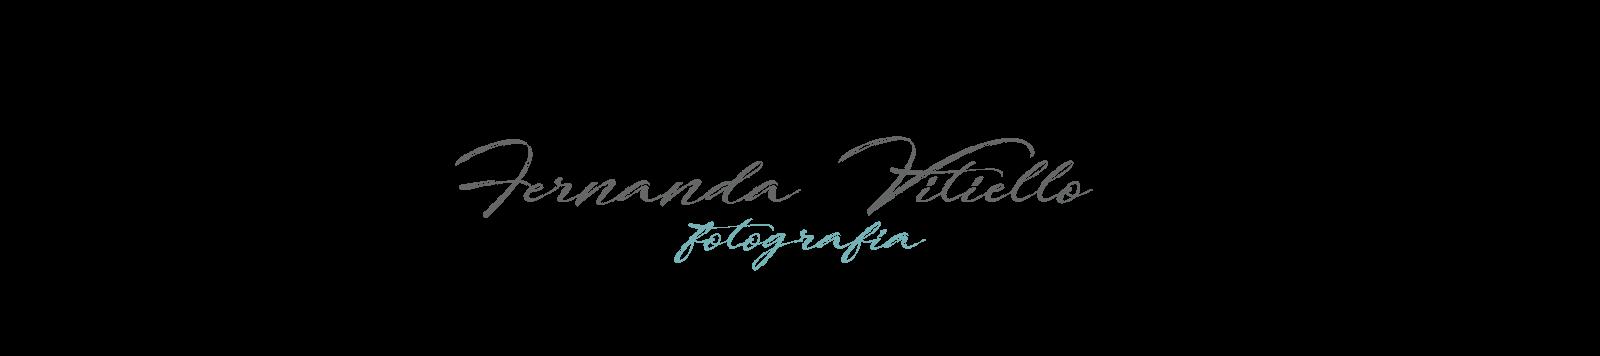 Fernanda Vitiello Fotografia